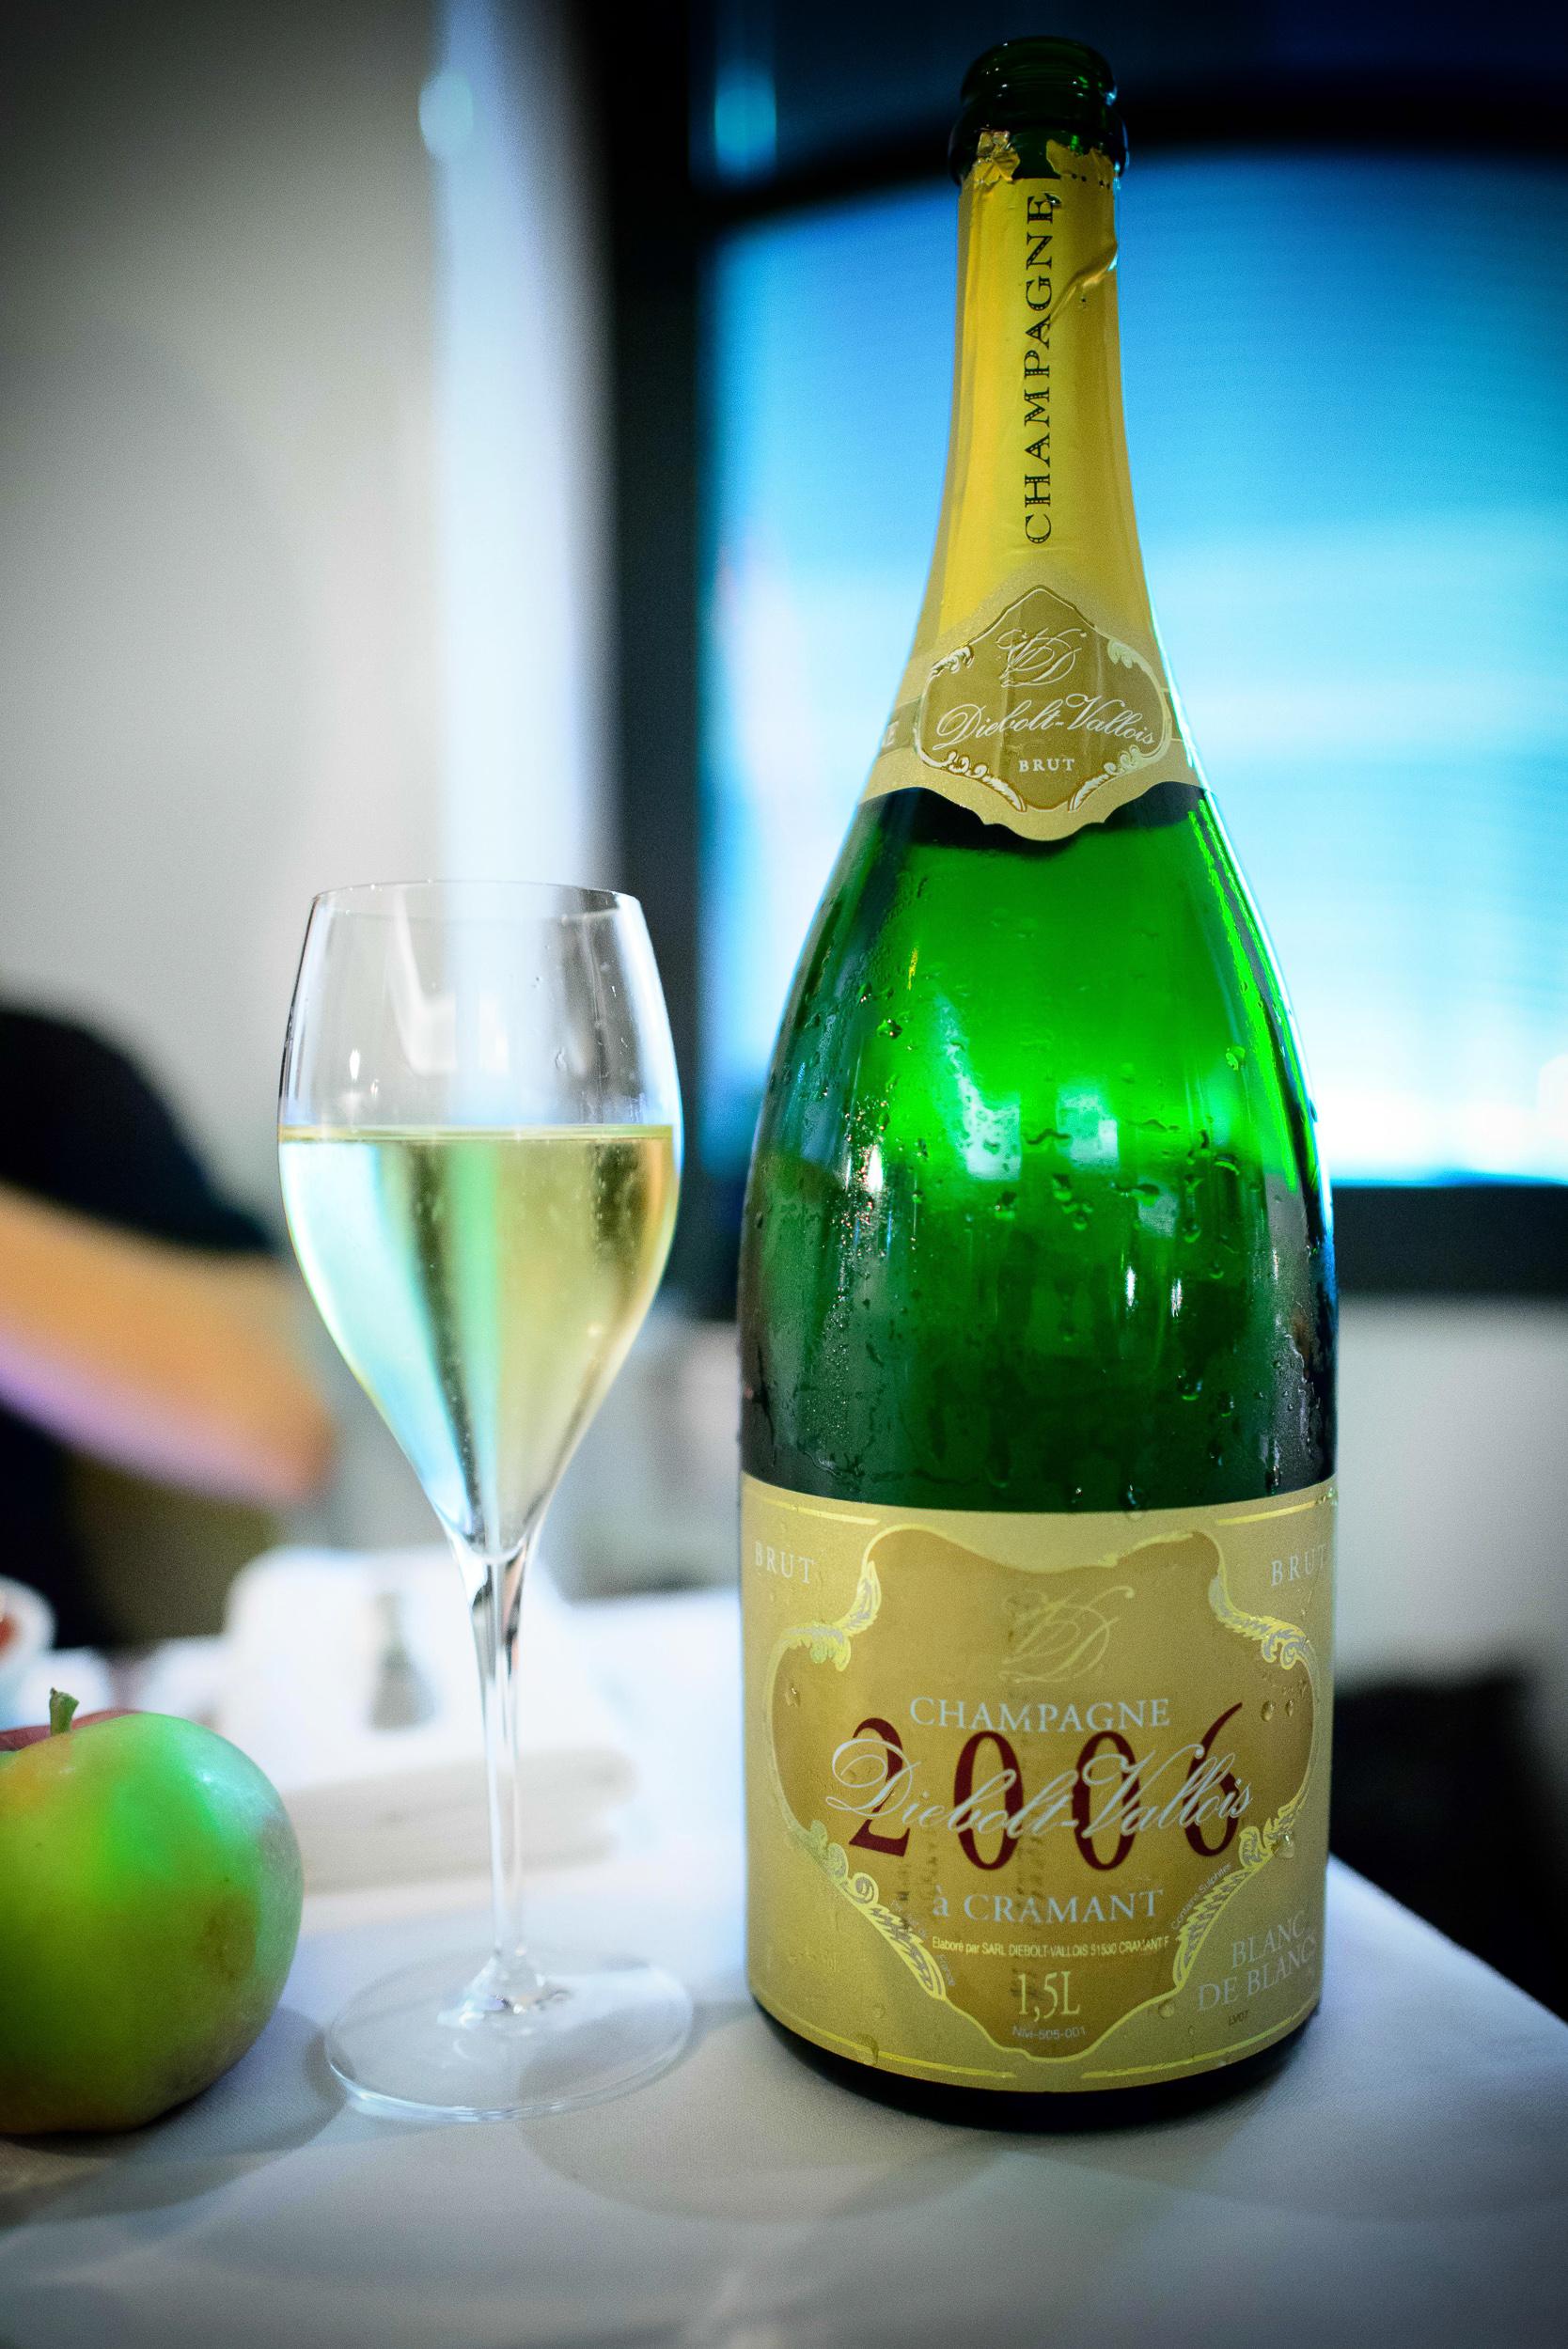 Champagne 2006 Diebolt-Valois